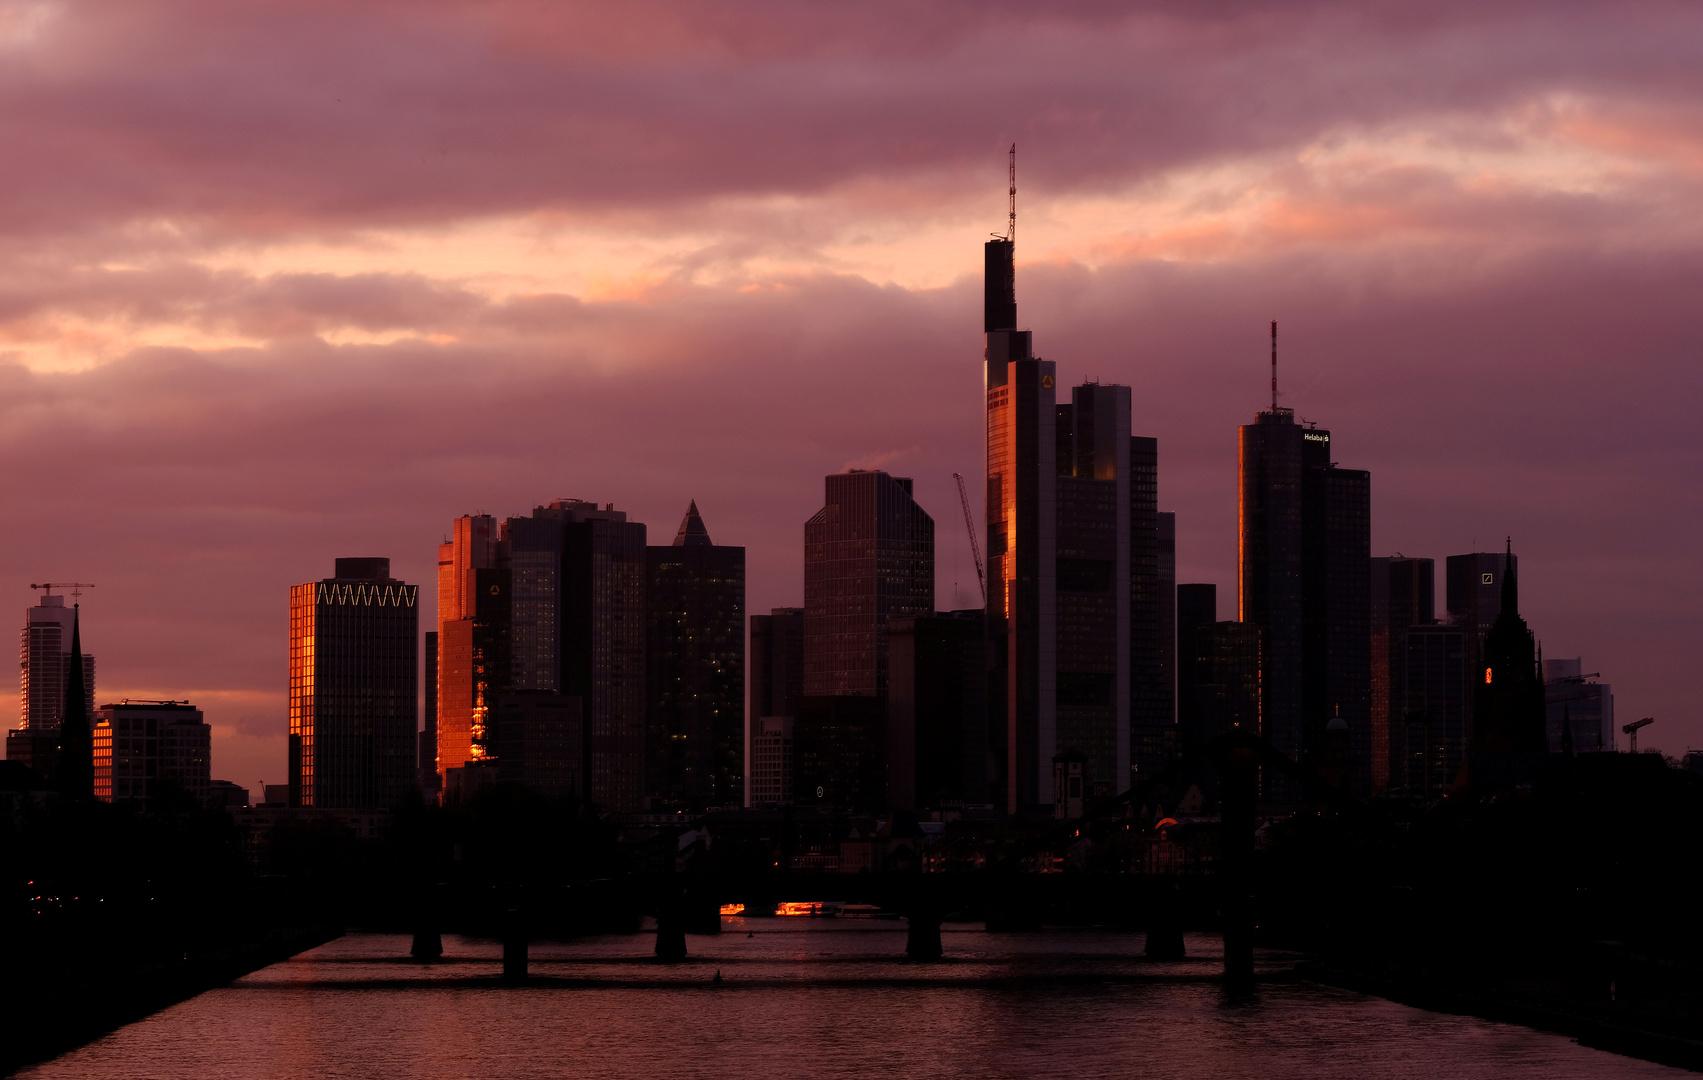 مدينة فرانكفورت أم ماين الألمانية.